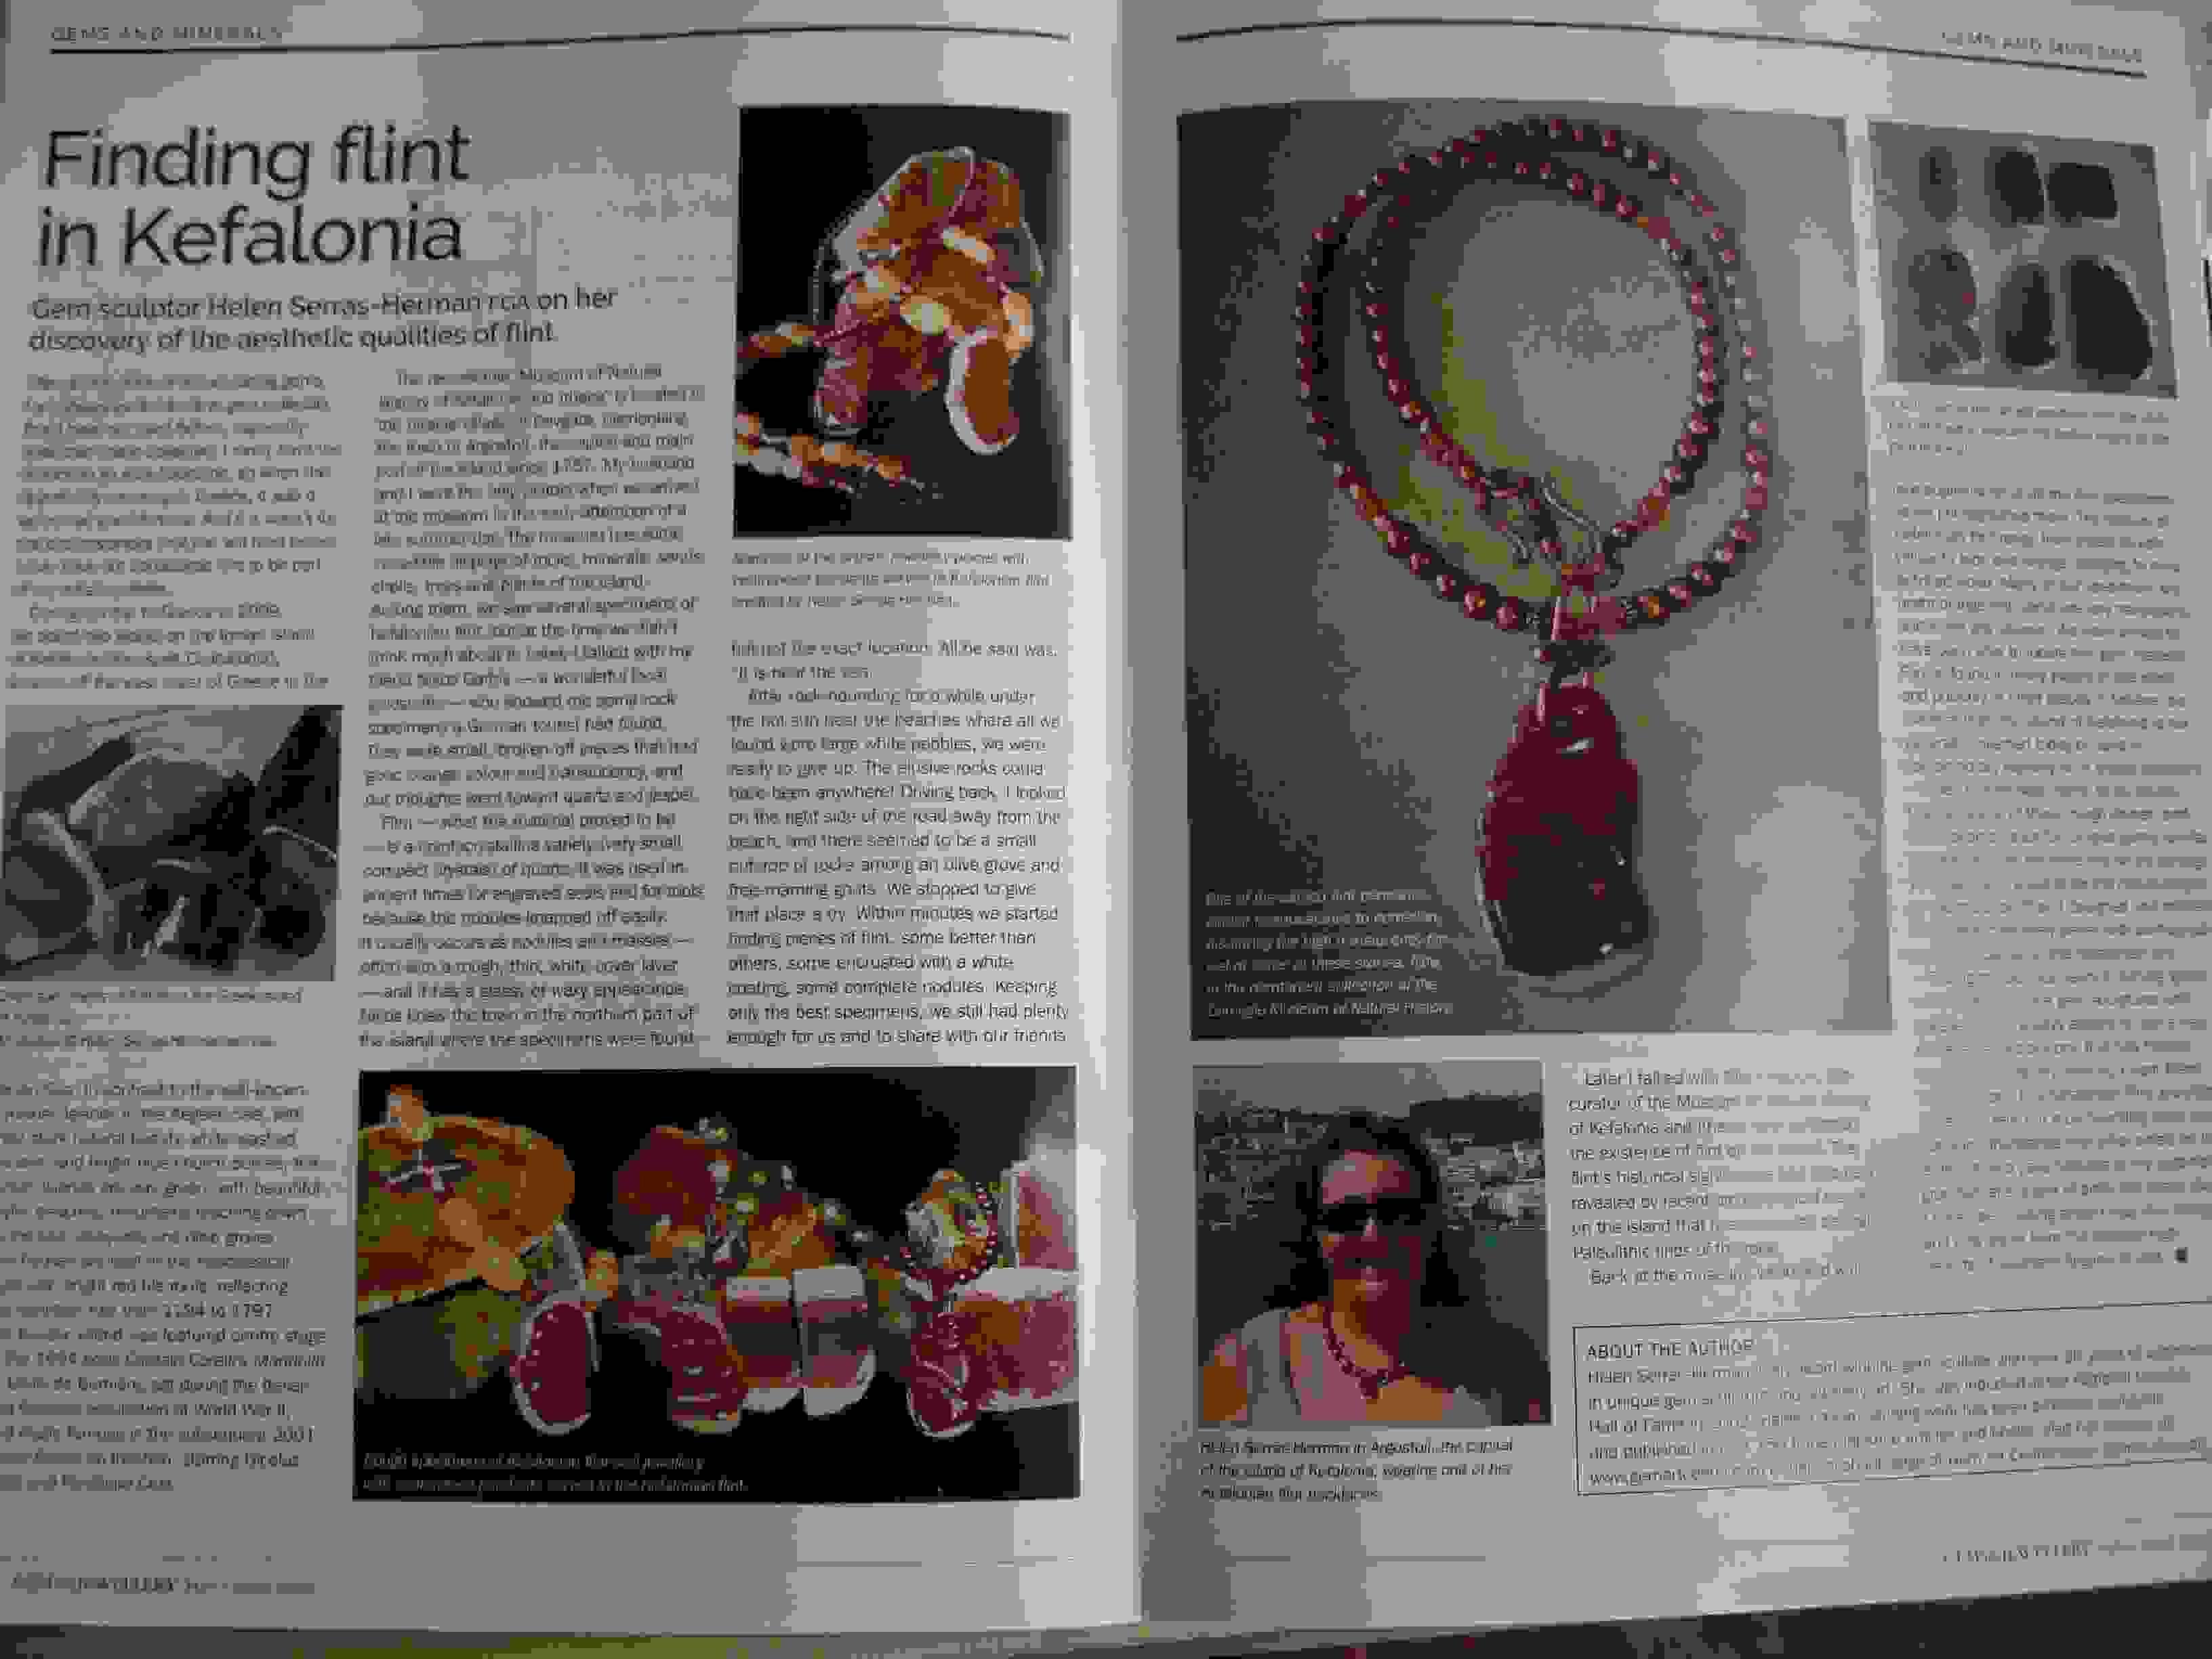 Ο Κεφαλονίτικος Πυριτόλιθος σε εντυπωσιακή παρουσίαση στο μεγαλύτερο γεμμολογικό περιοδικό του κόσμου Gems & Jewellery